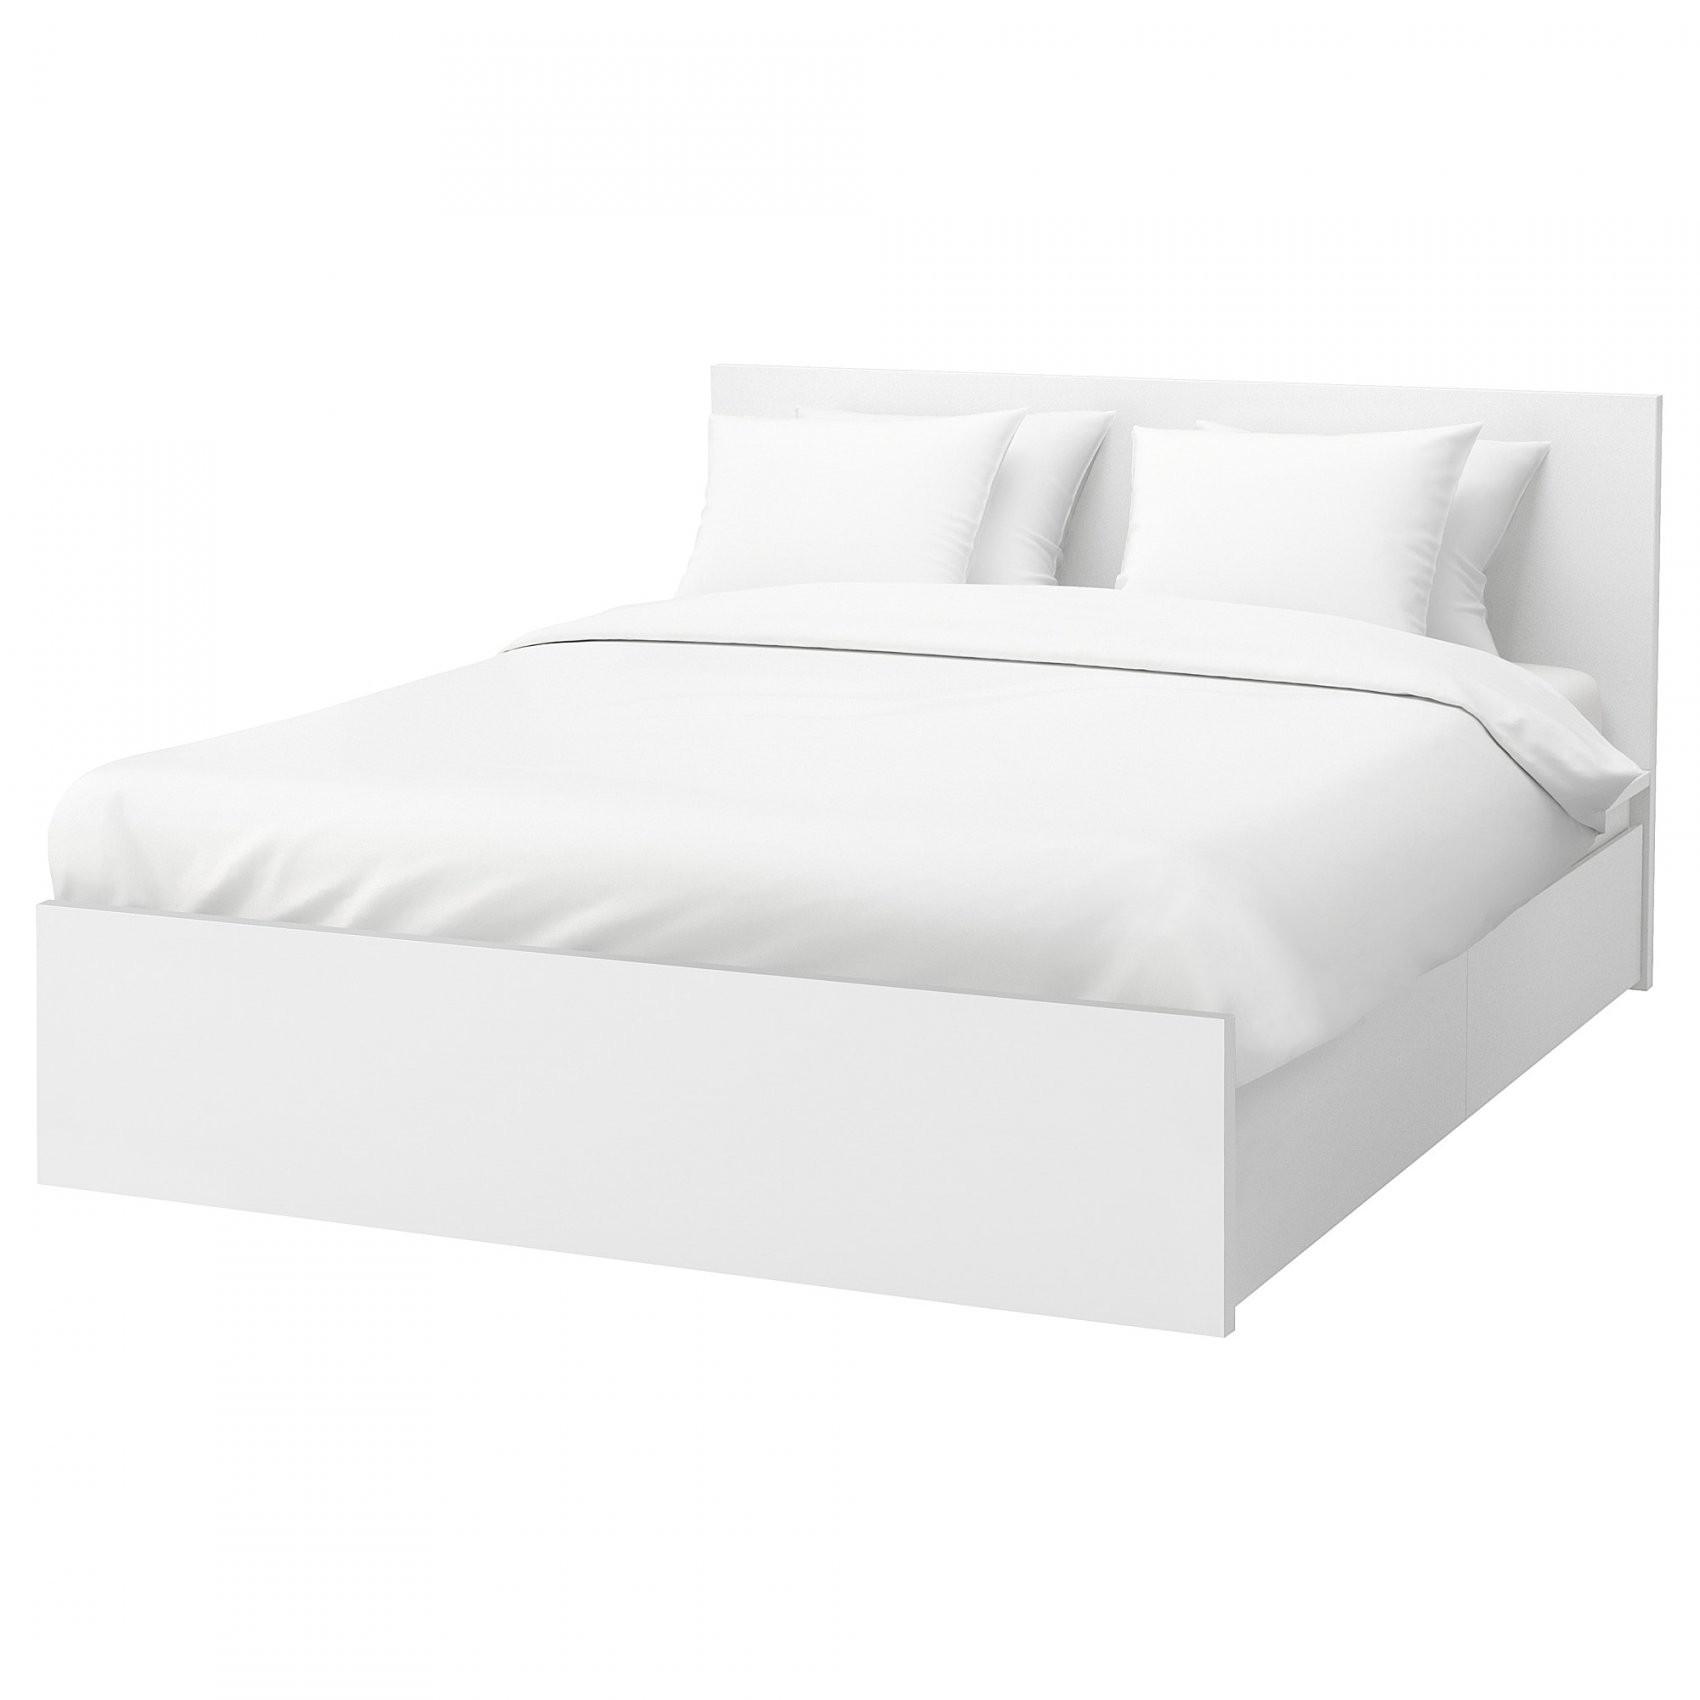 Malm Bettgestell Hoch Mit 4 Schubladen  Weiß  Ikea von Ikea Bett 140X200 Mit Schubladen Bild